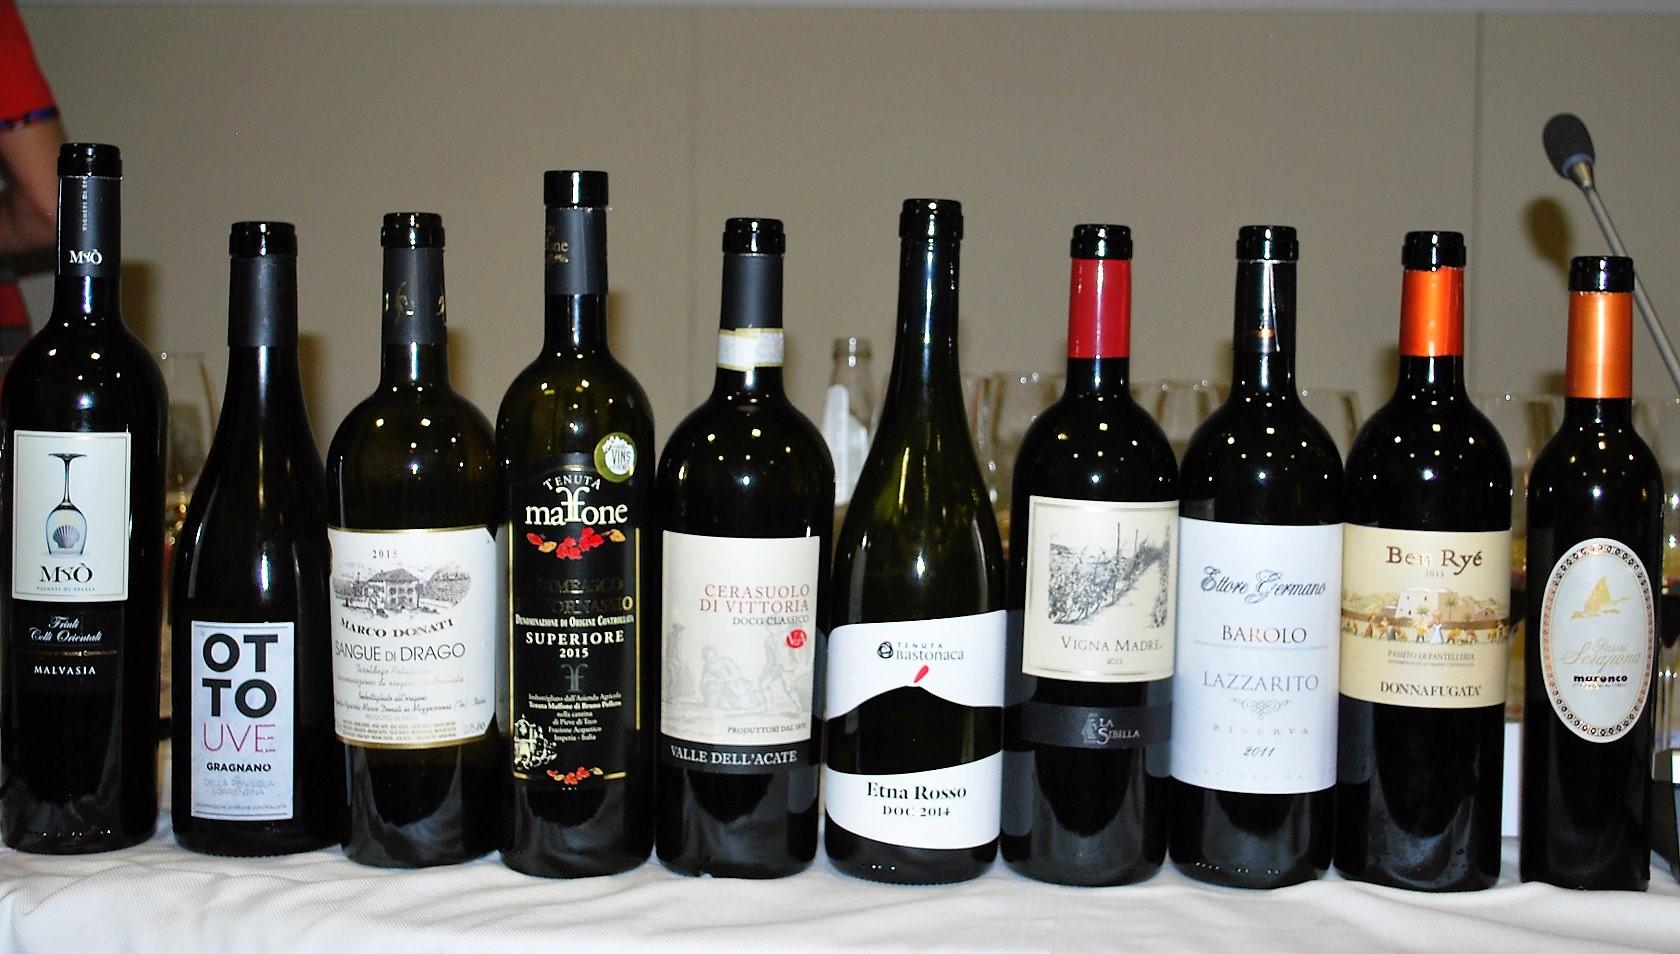 Vinitaly 2018. La magia delle vigne vecchie. Le Donne del Vino presentano vini da viti anche di ottant'anni. Guidata da Ian D'Agata